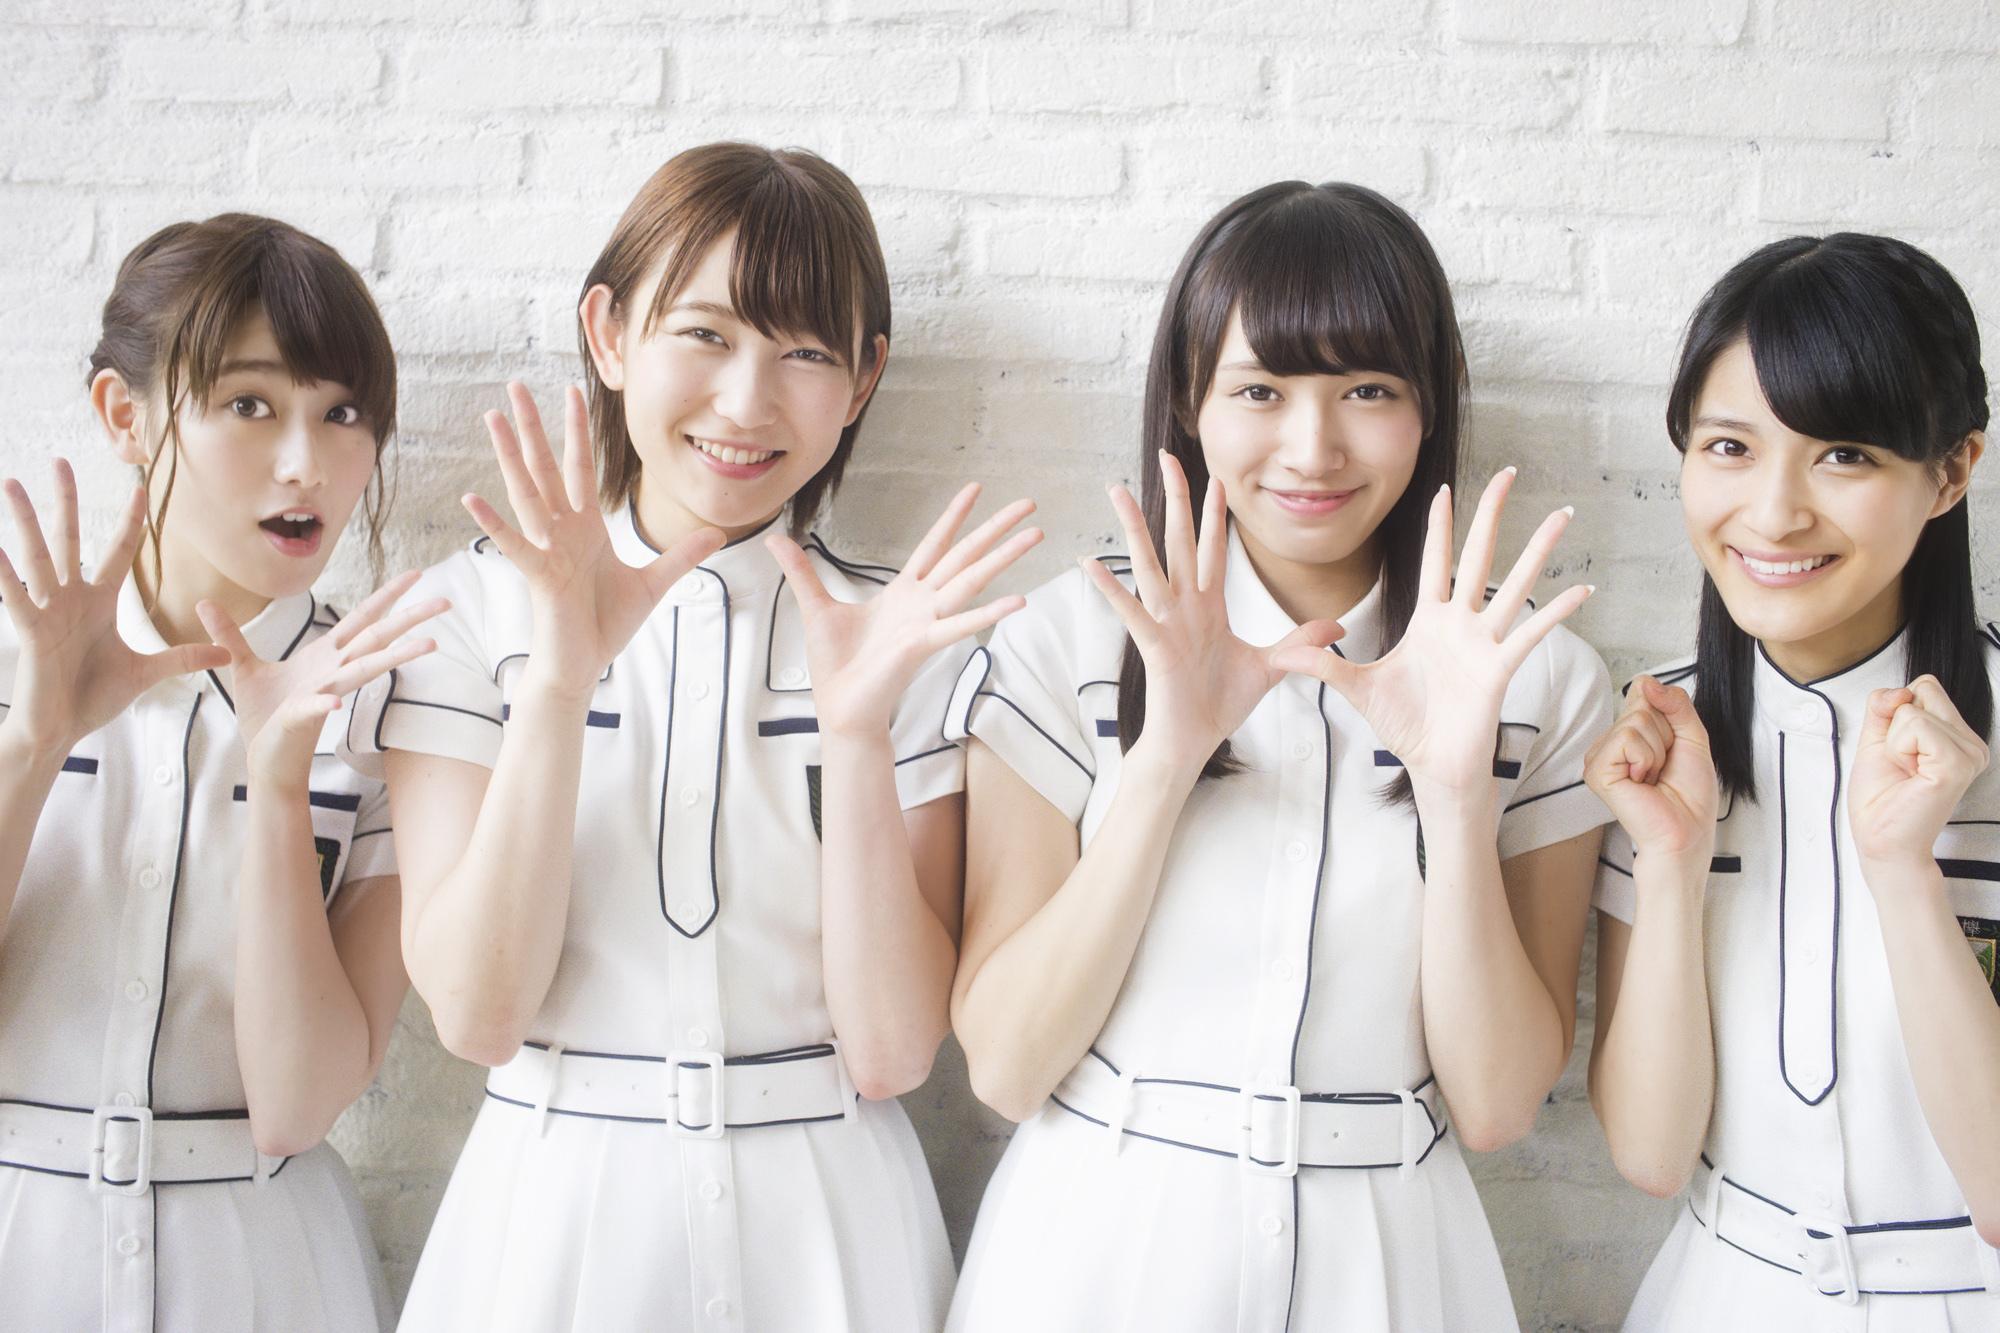 『欅坂46 スペシャル -世界には愛しかない-』